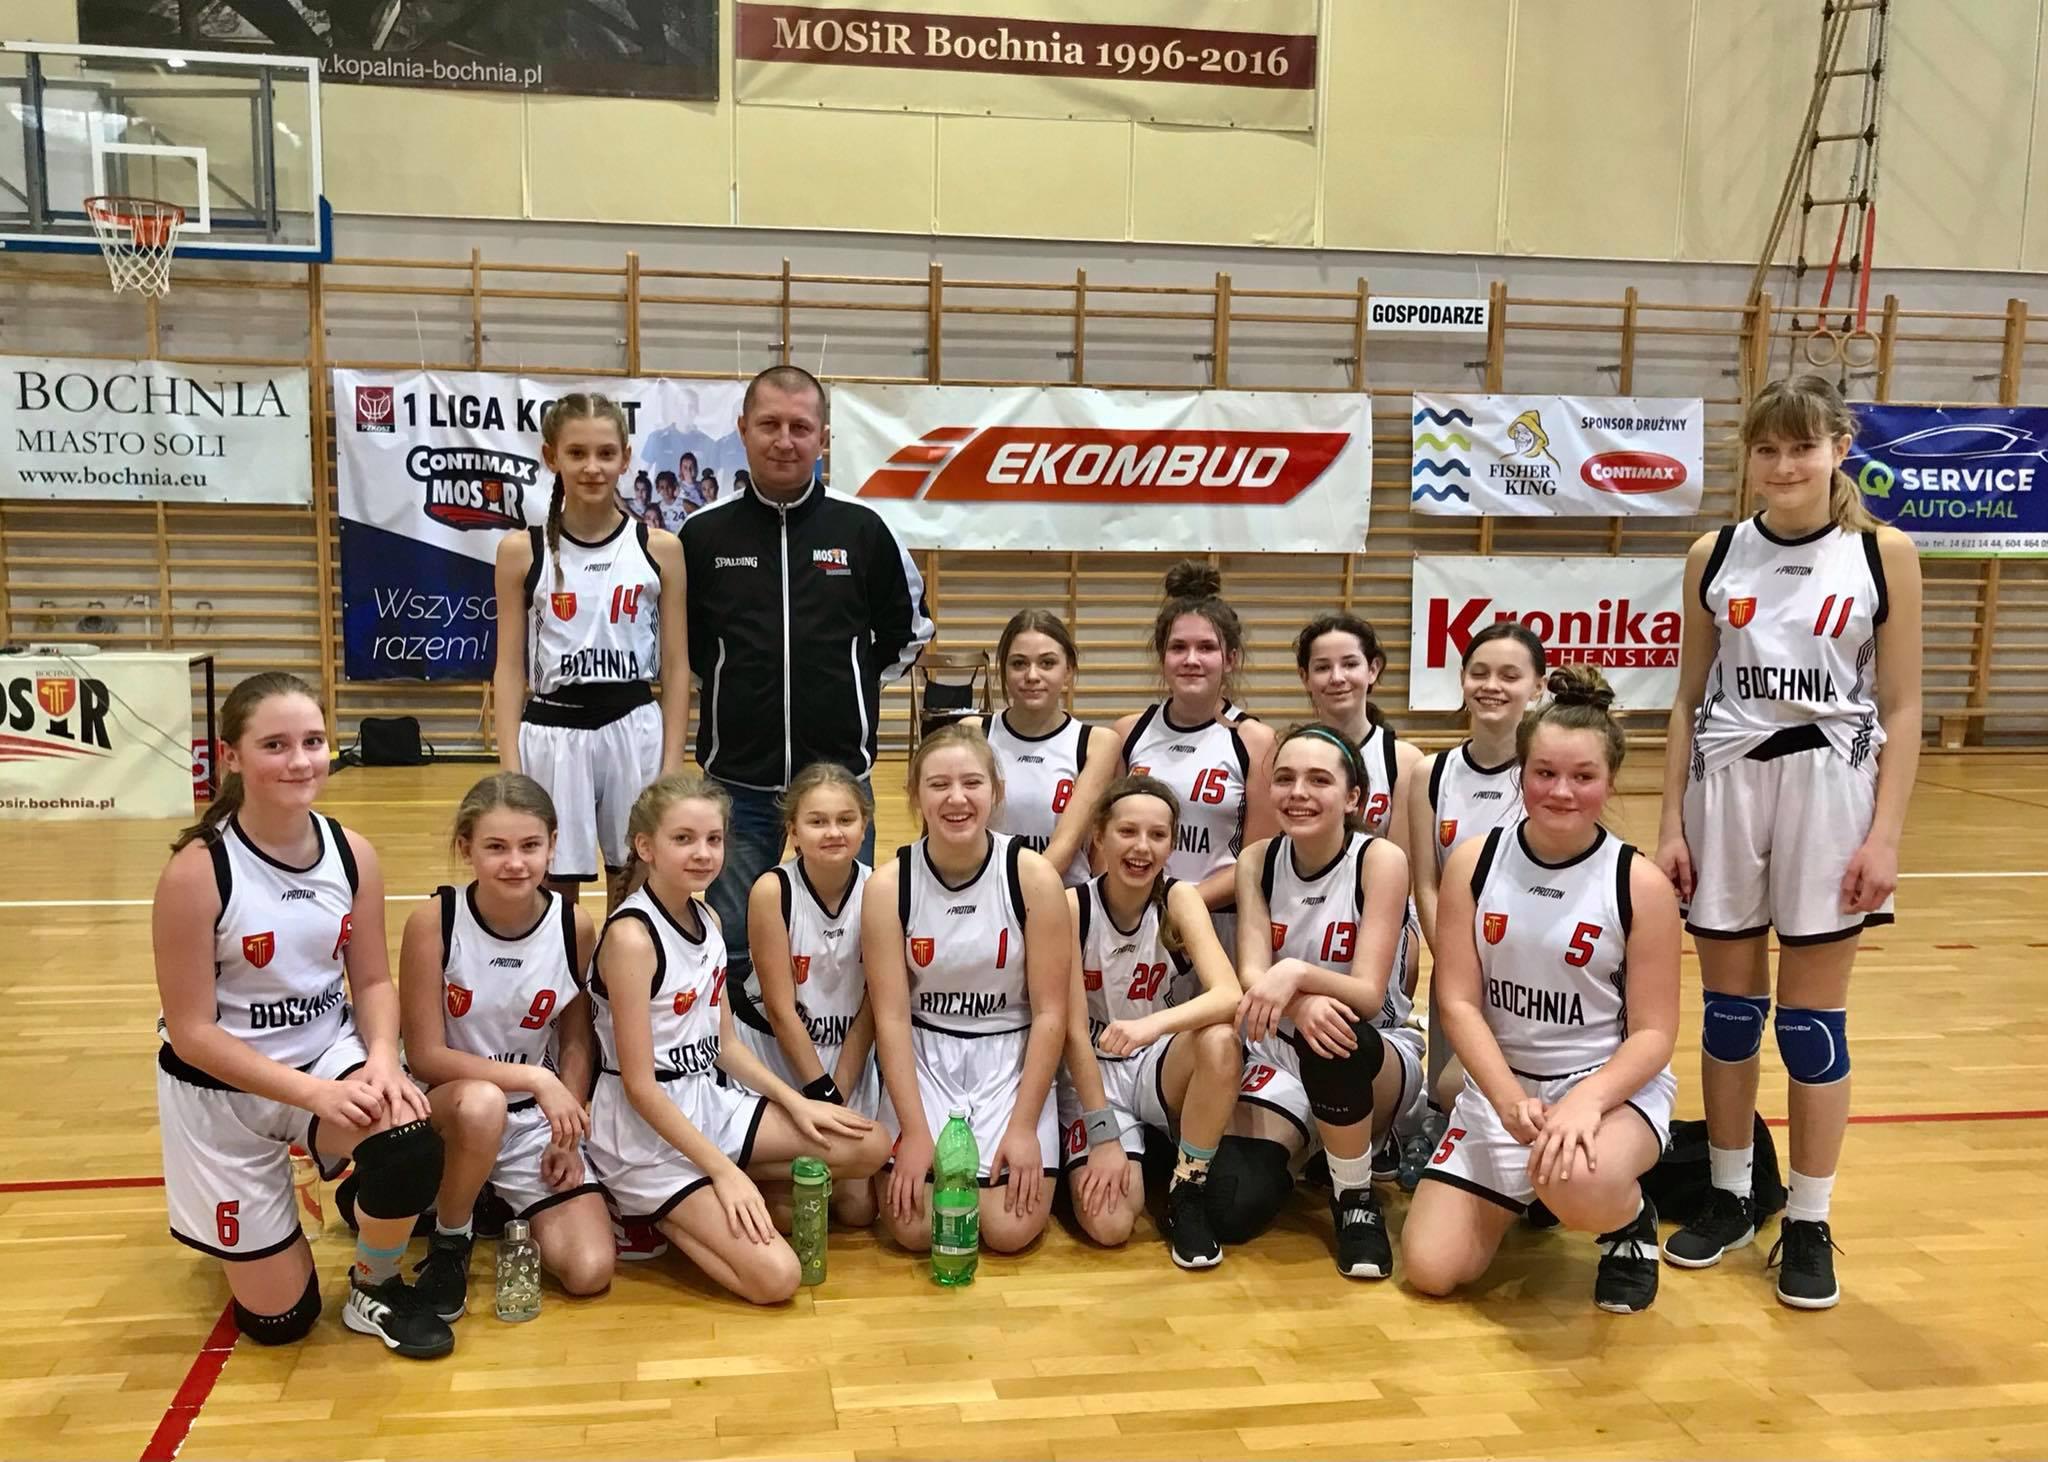 Podsumowanie koszykarskiego sezonu: młodziczki (U13)